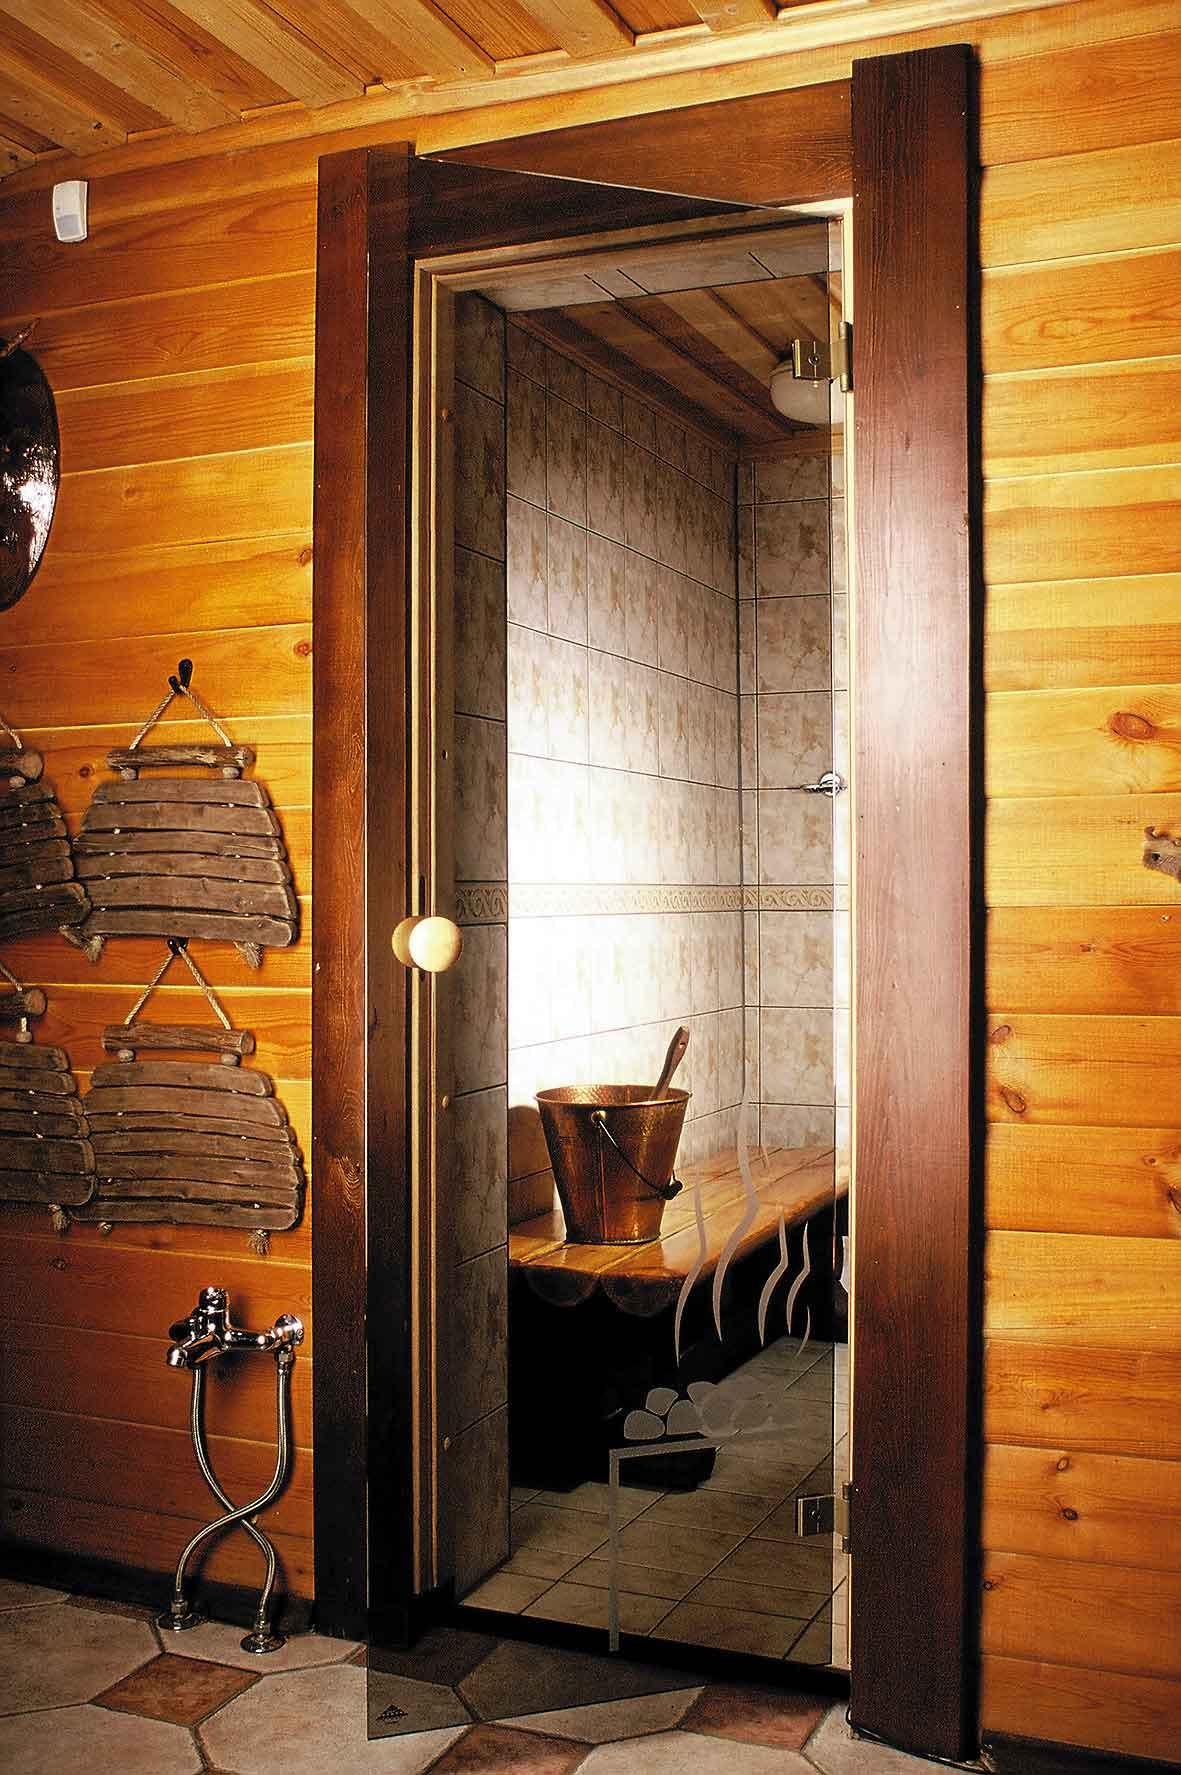 Стеклянные двери для бани (41 фото): фурнитура и петли, размеры конструкций для сауны, варианты из стекла размером 700х1700 с деревянной ручкой